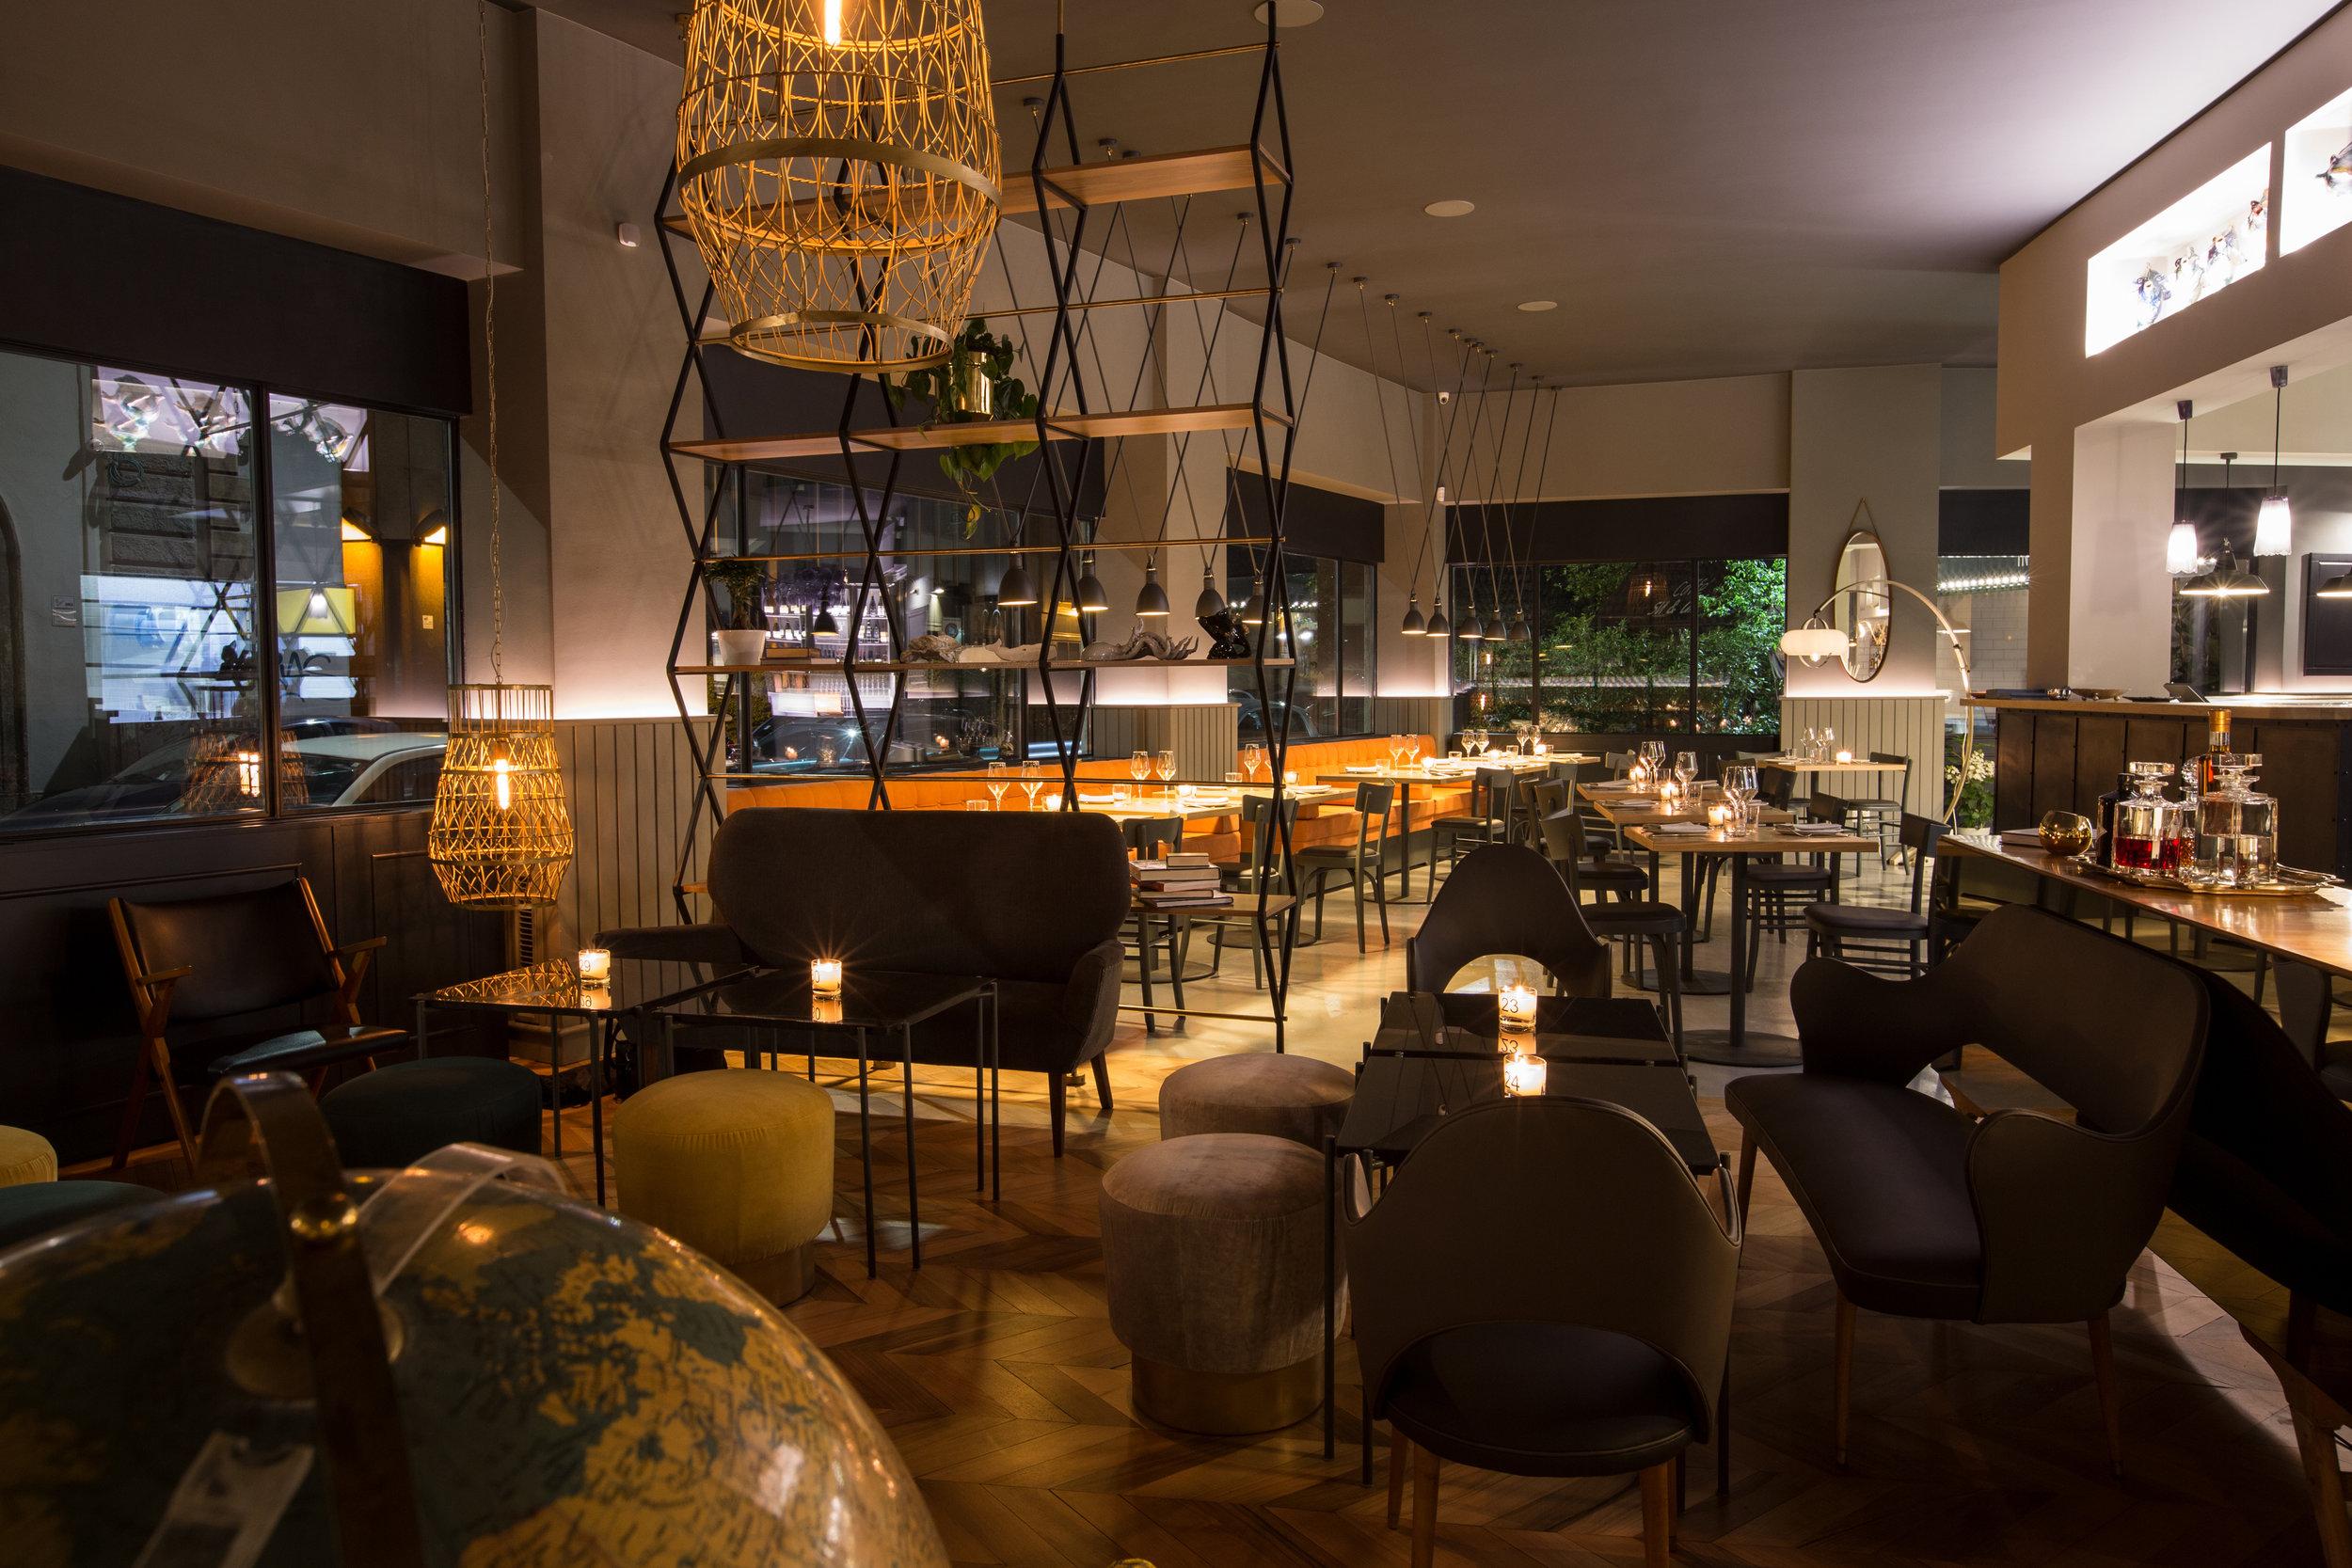 Pescheria Con Cottura - panoramica notturna lounge bar.jpg